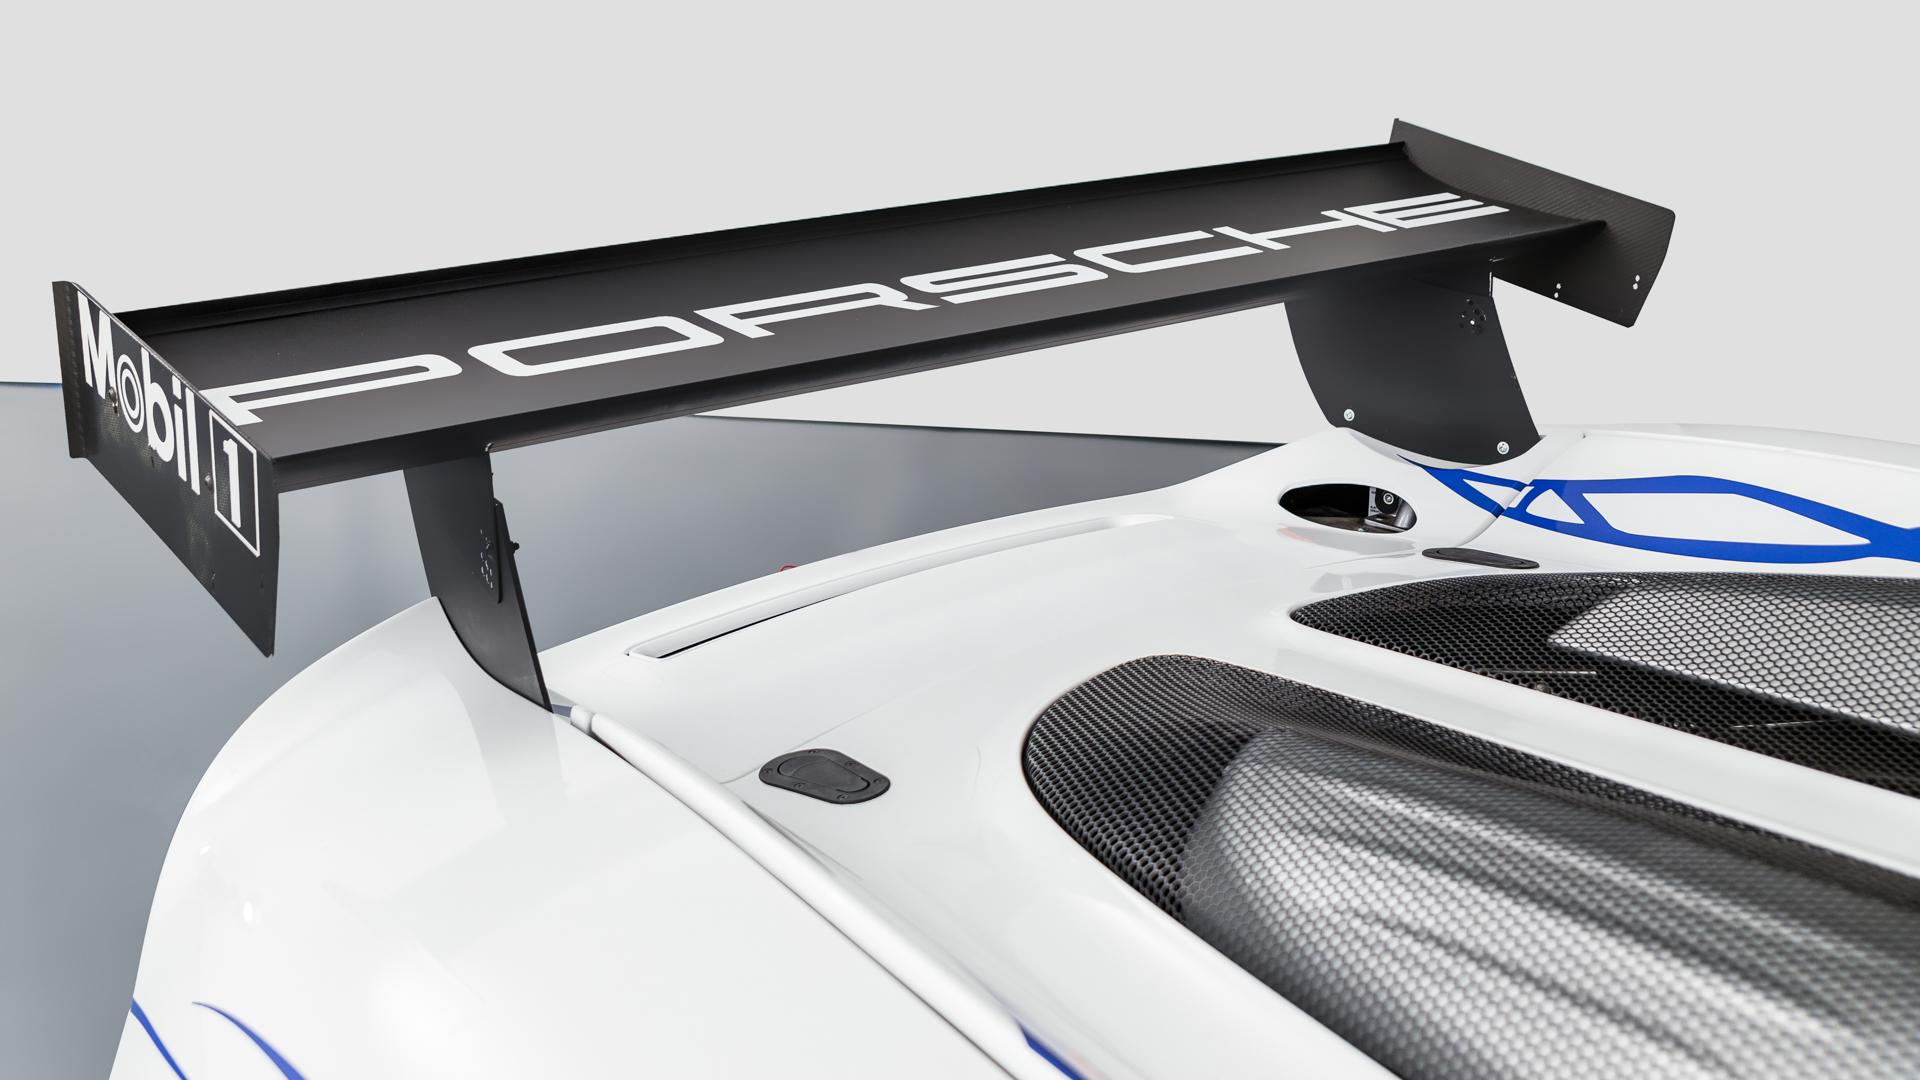 Carrera GT Racecar rear aerodynamic wing